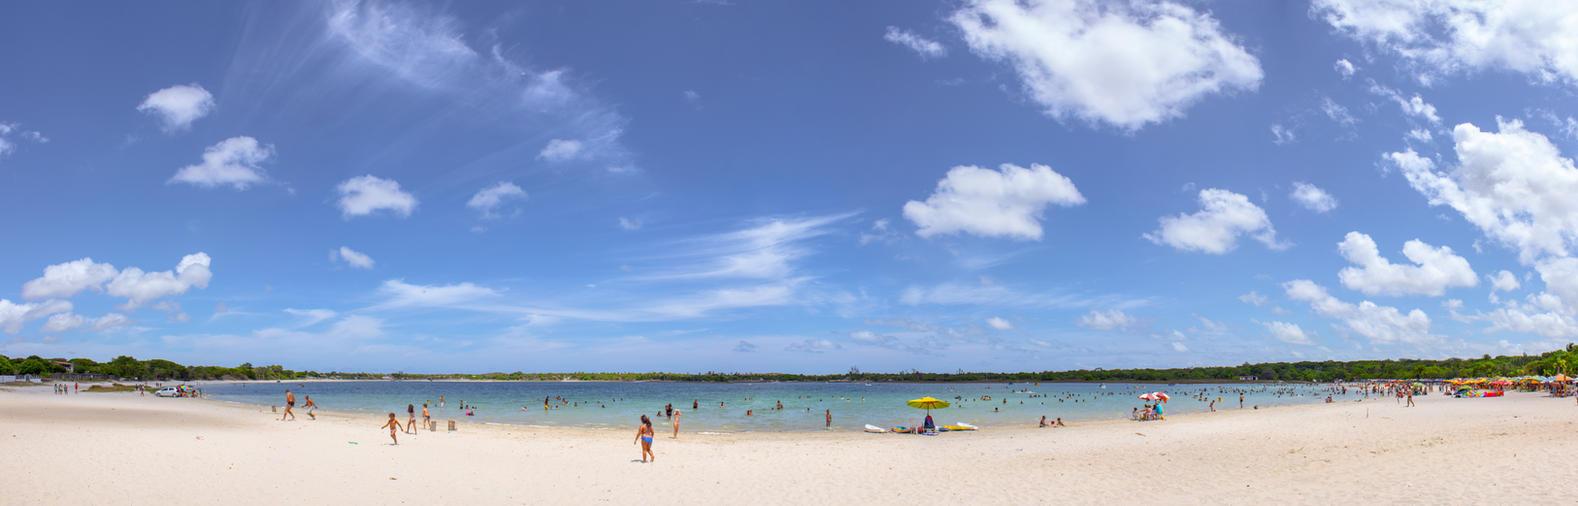 Lagoa do Carcara - RN by YOWYO